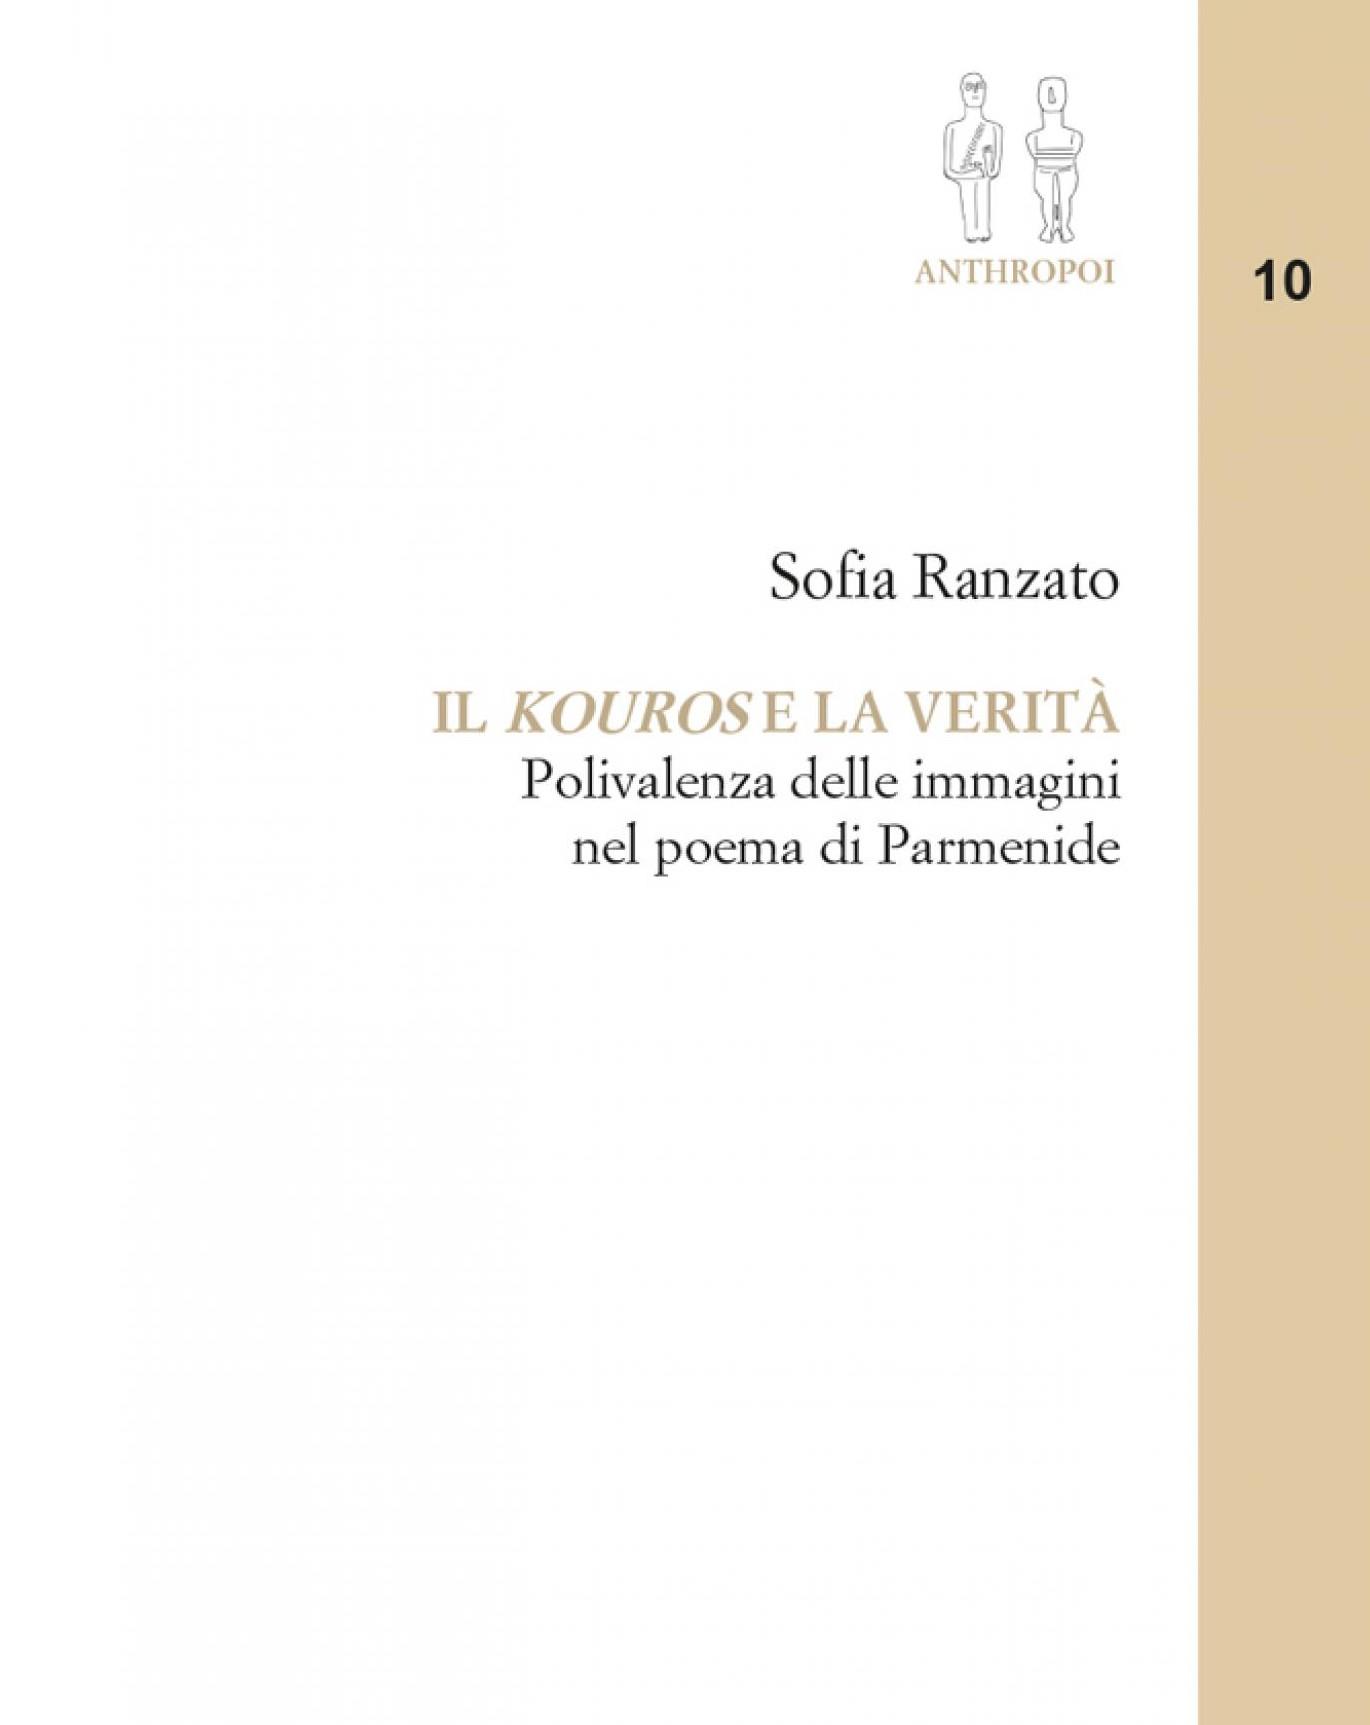 Sofia Ranzato, Il kouros e la verità Polivalenza delle immagini nel poema di Parmenide